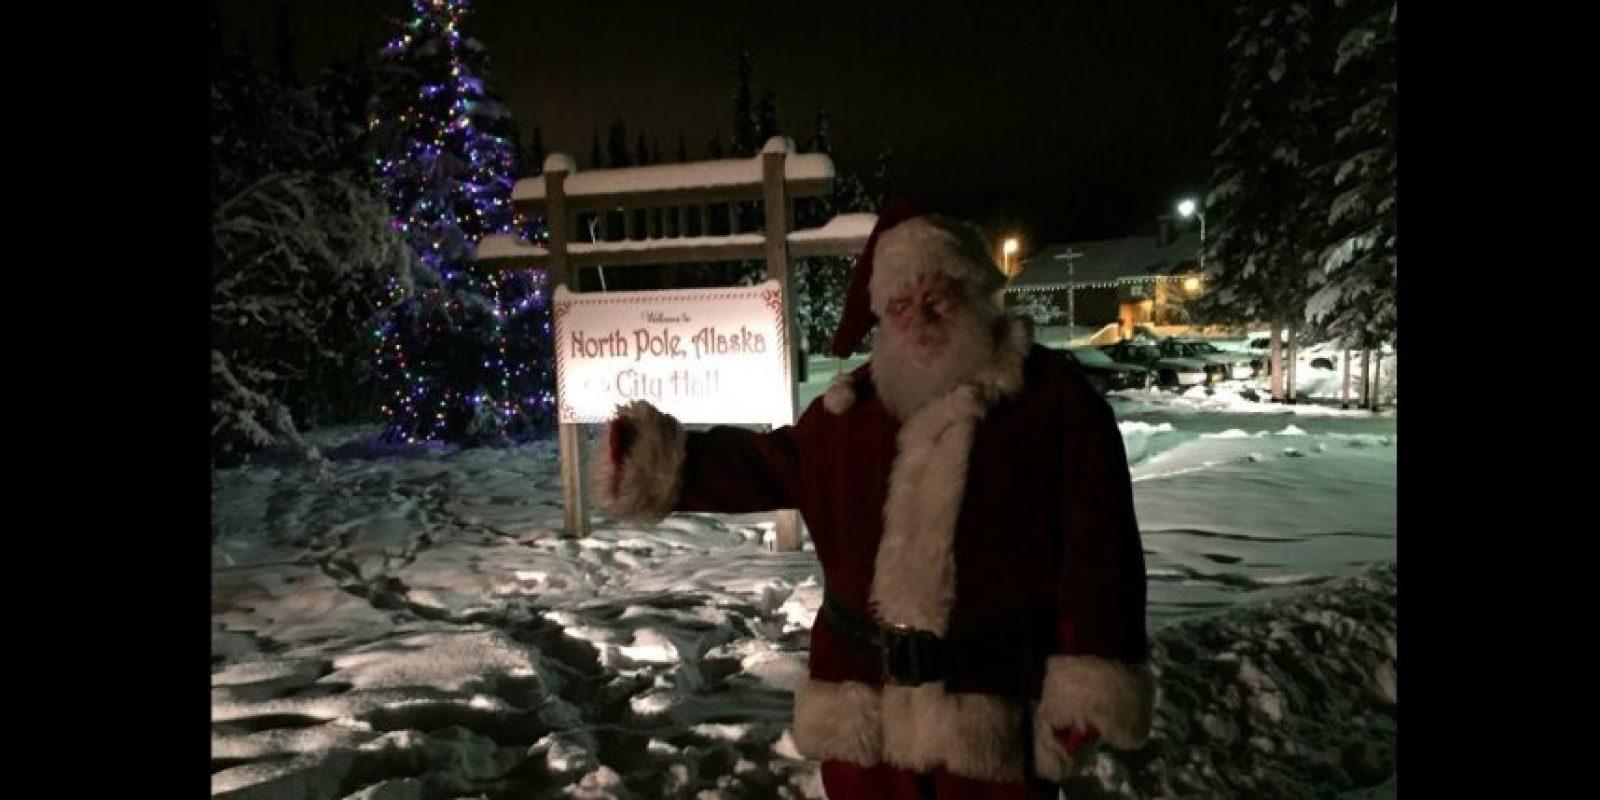 Santa logró volverse en miembro del consejo en el Polo Norte de Alaska. Foto:Vía facebook.com/TheSantaClaus